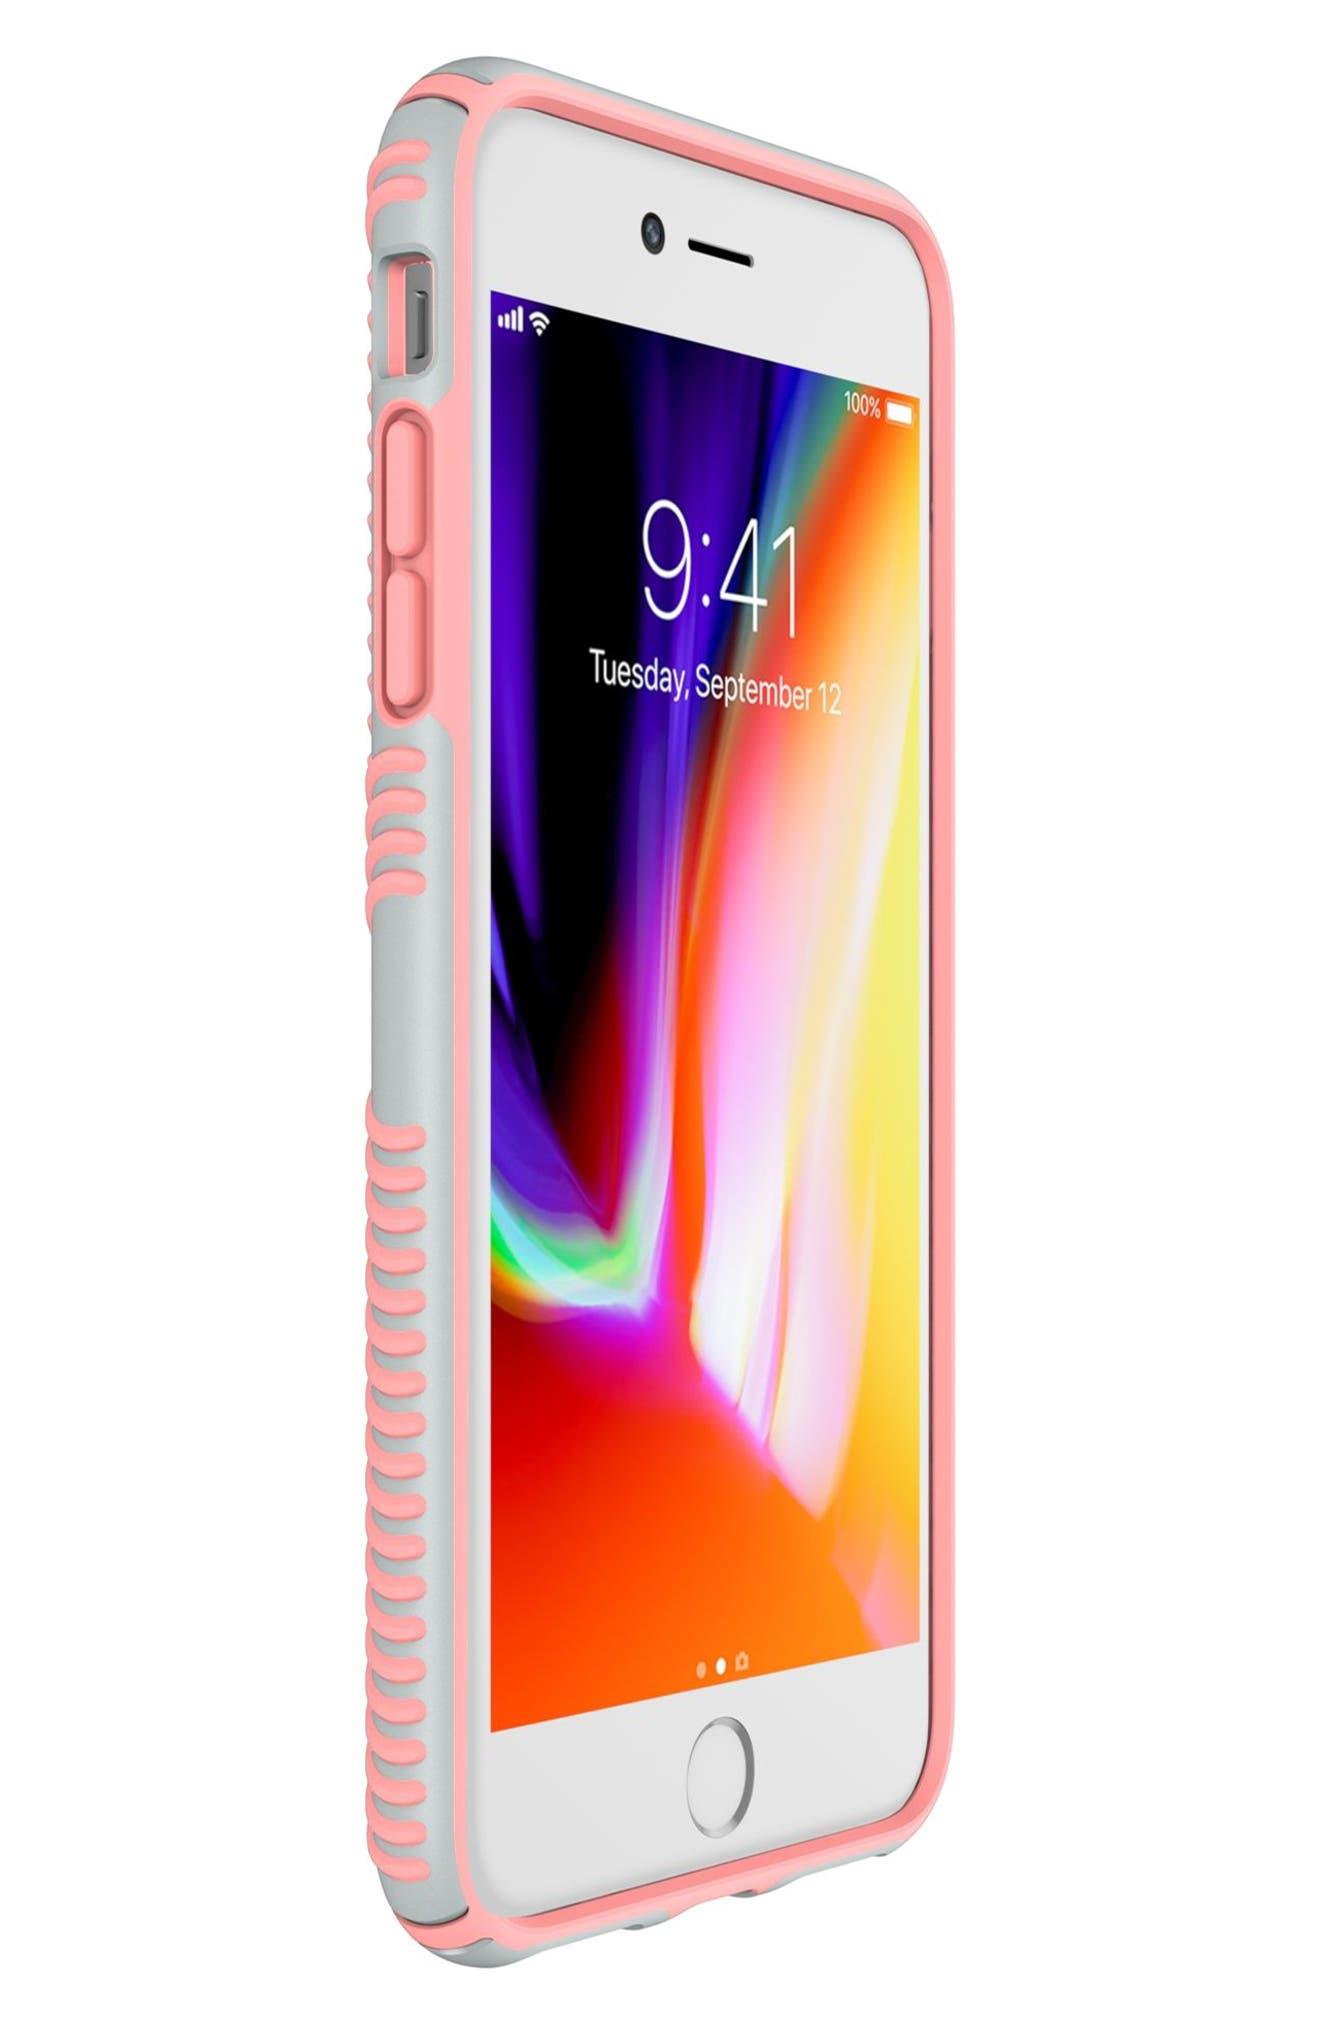 Grip iPhone 6/6s/7/8 Plus Case,                             Alternate thumbnail 7, color,                             020